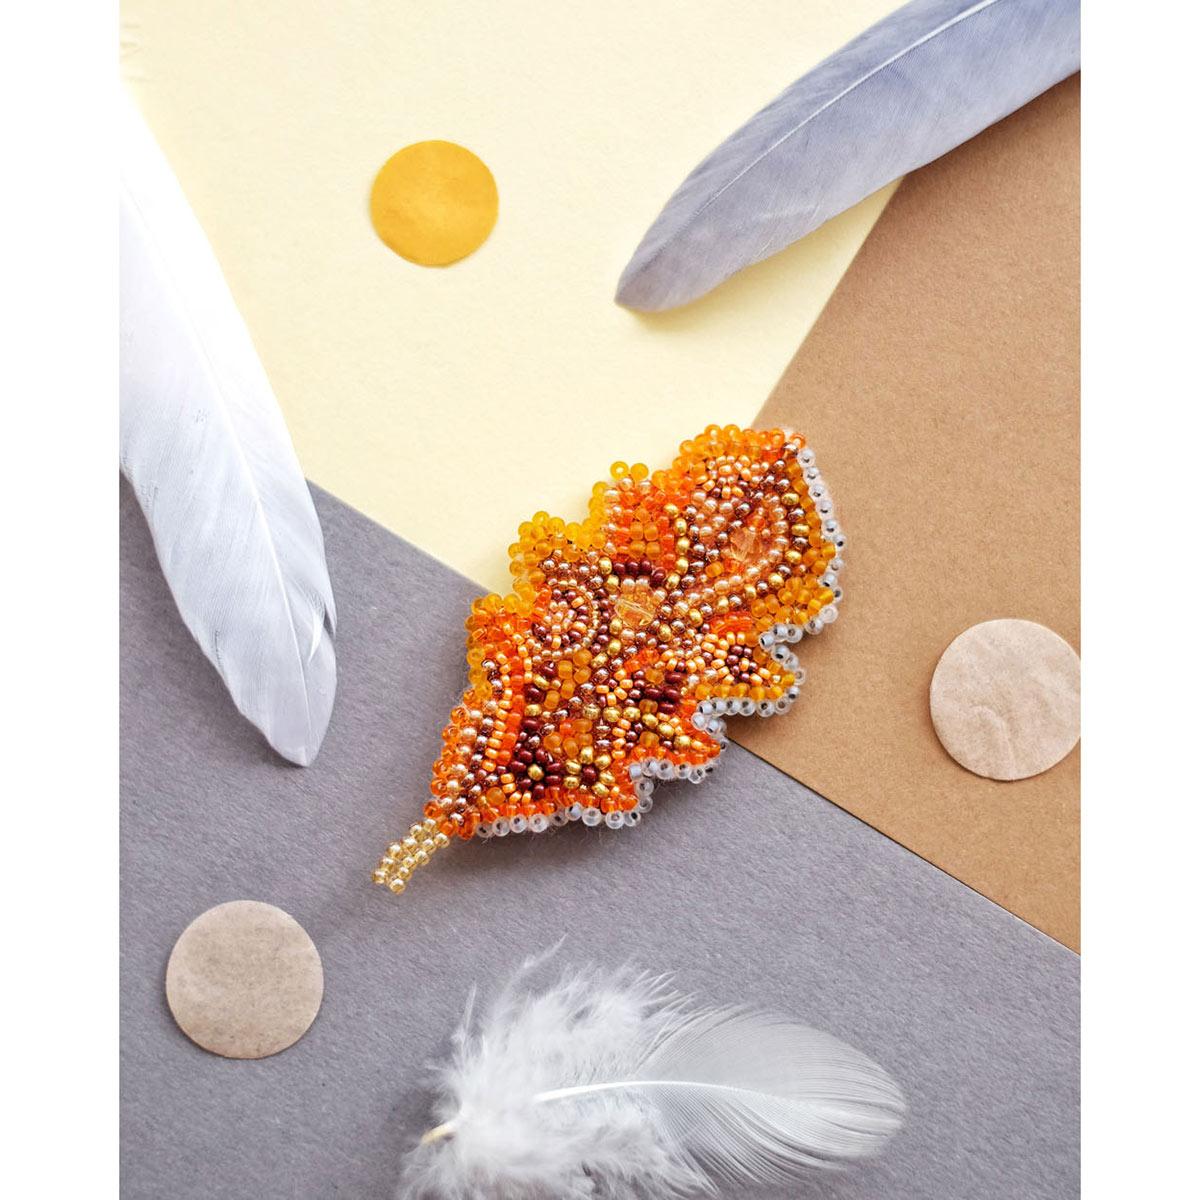 АД-017 Набор для вышивки бисером украшения на натур. художественном холсте Паттернхолст 'Дубовый листочек'4*6,7см